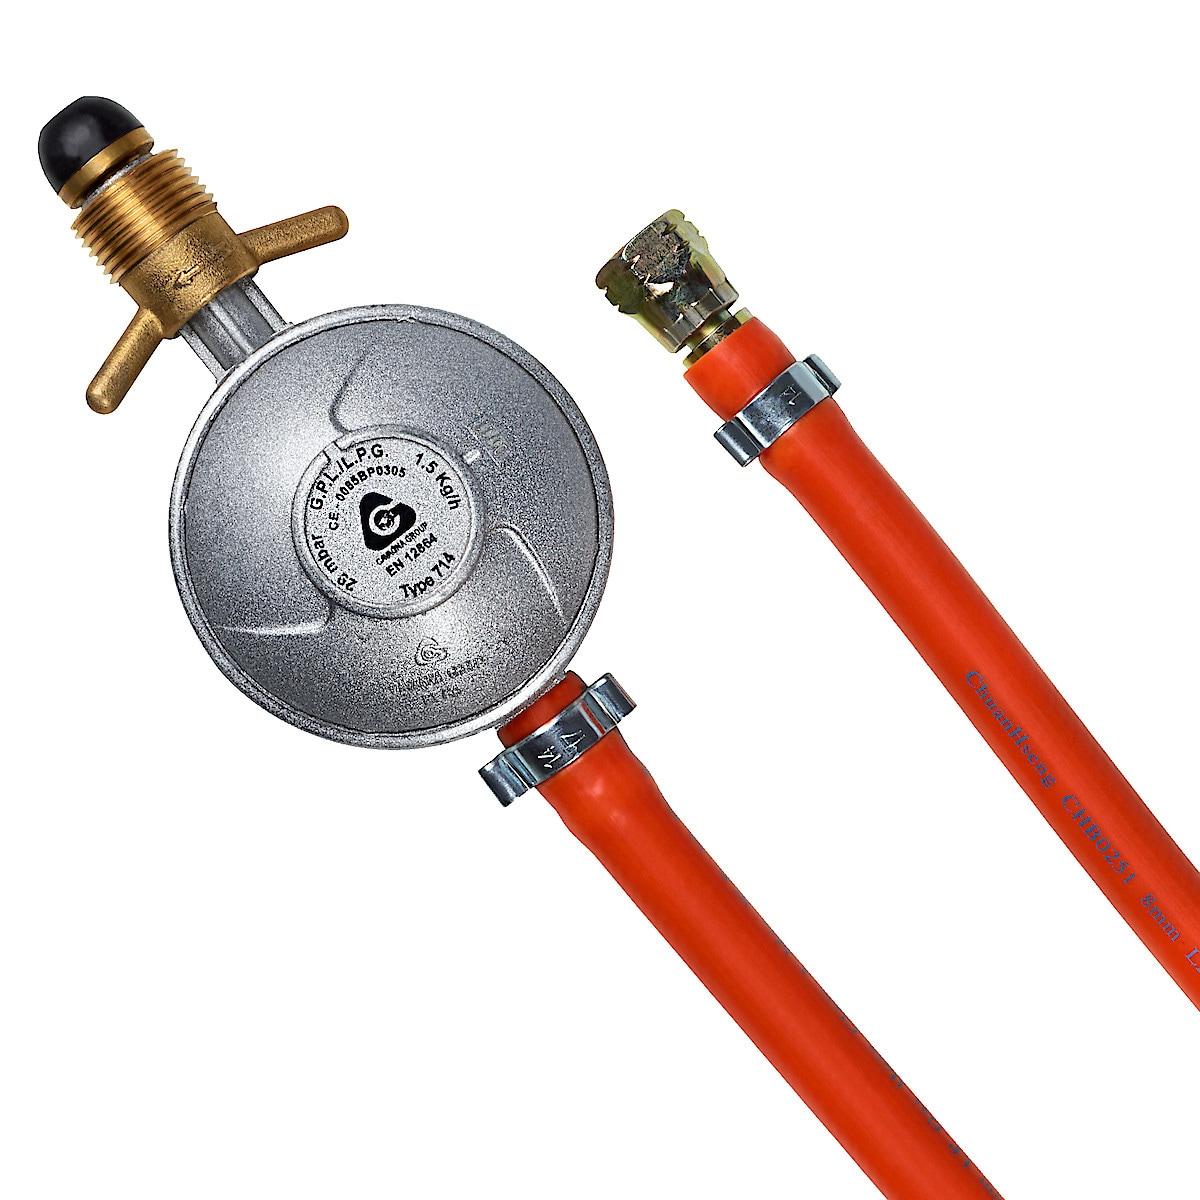 Gasolregulator Weber 8454 | Clas Ohlson